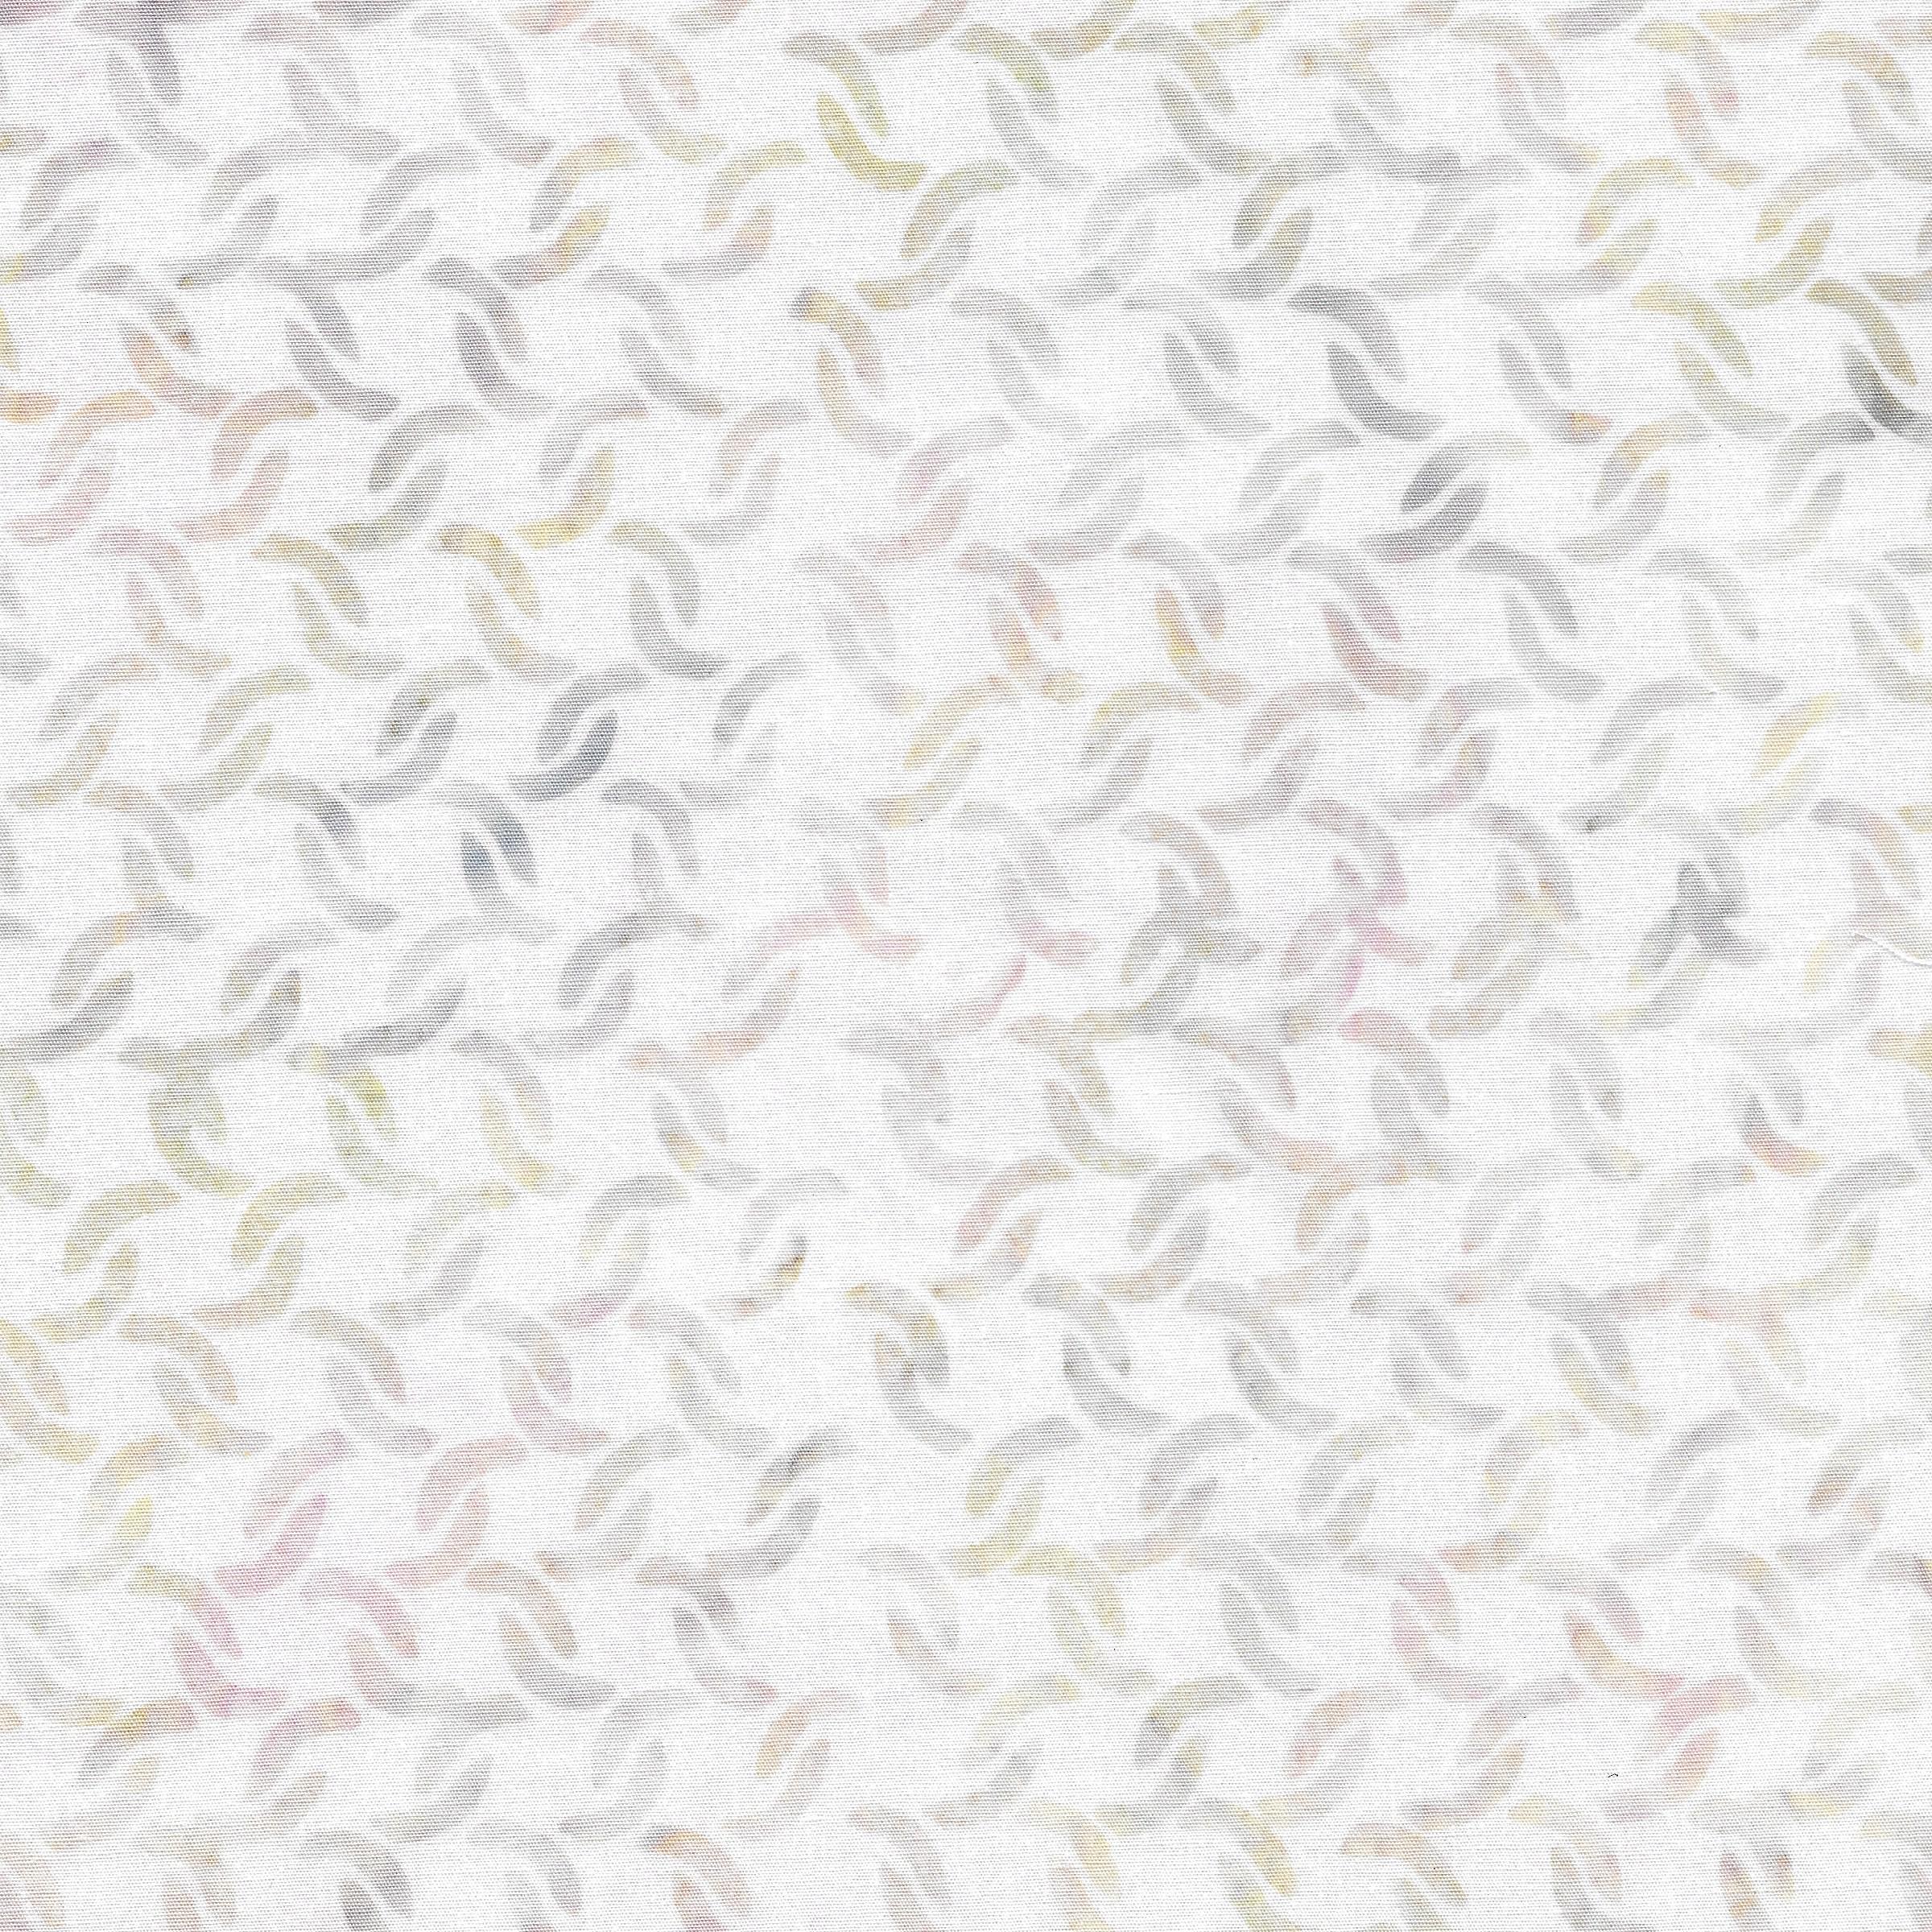 111920825 / Chain -Peony